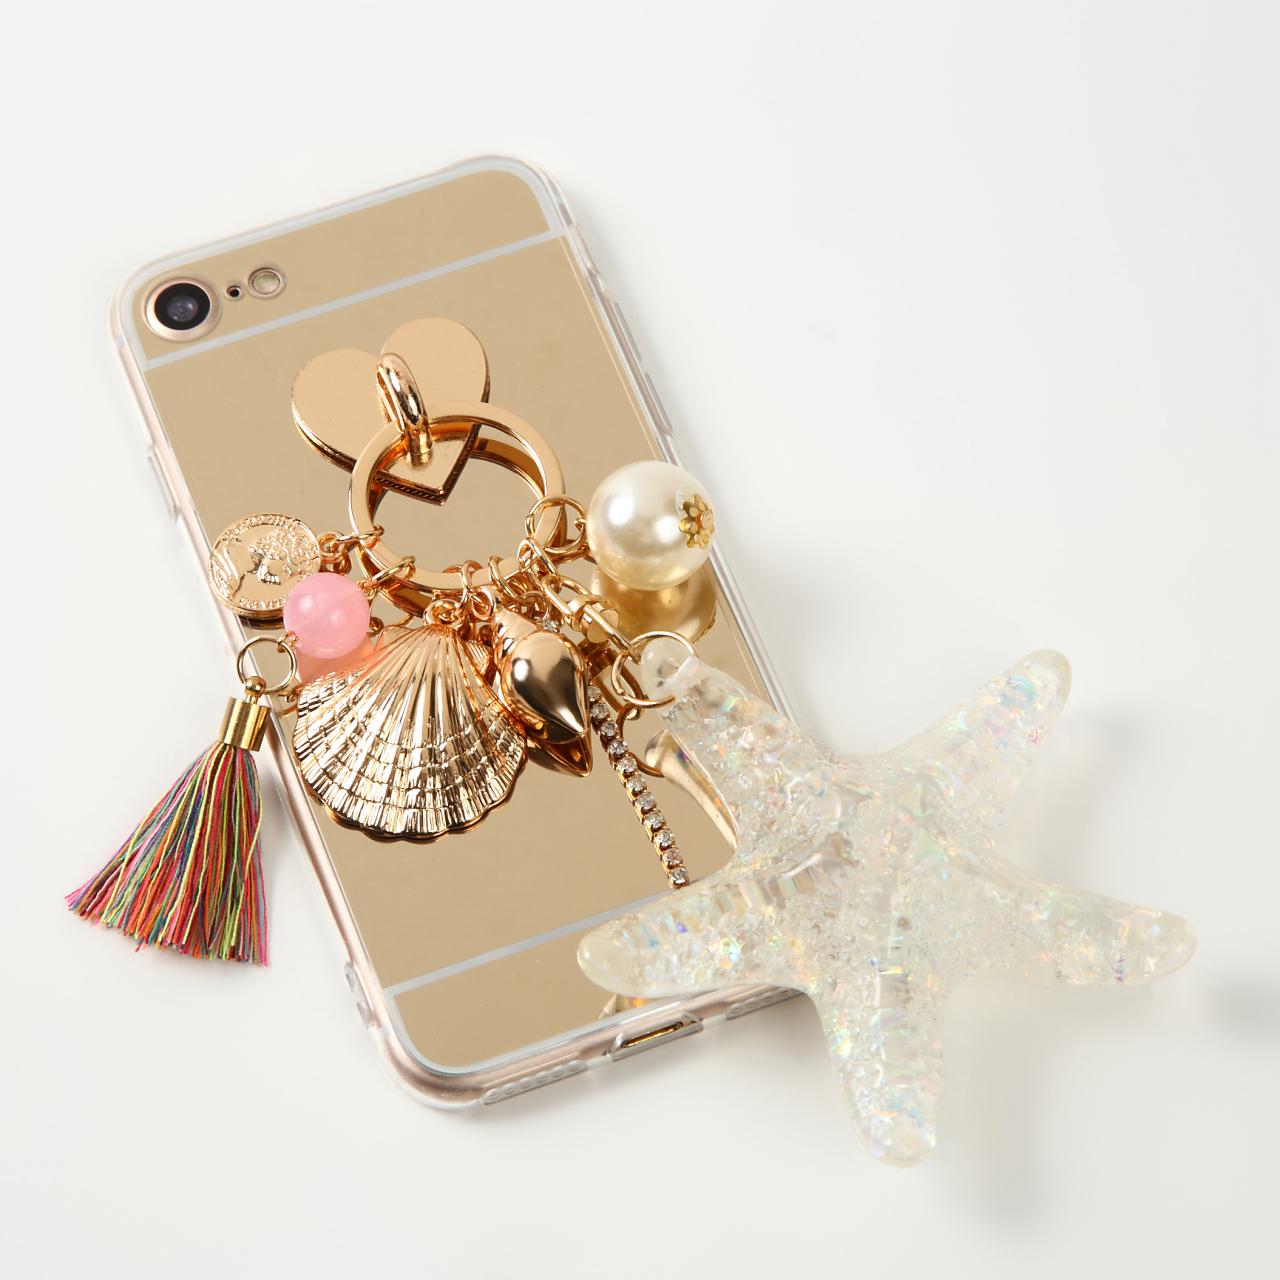 【即納★送料無料】ゴールドミラーソフトケースにヒトデ 貝殻 チャーム付 iPhoneケース